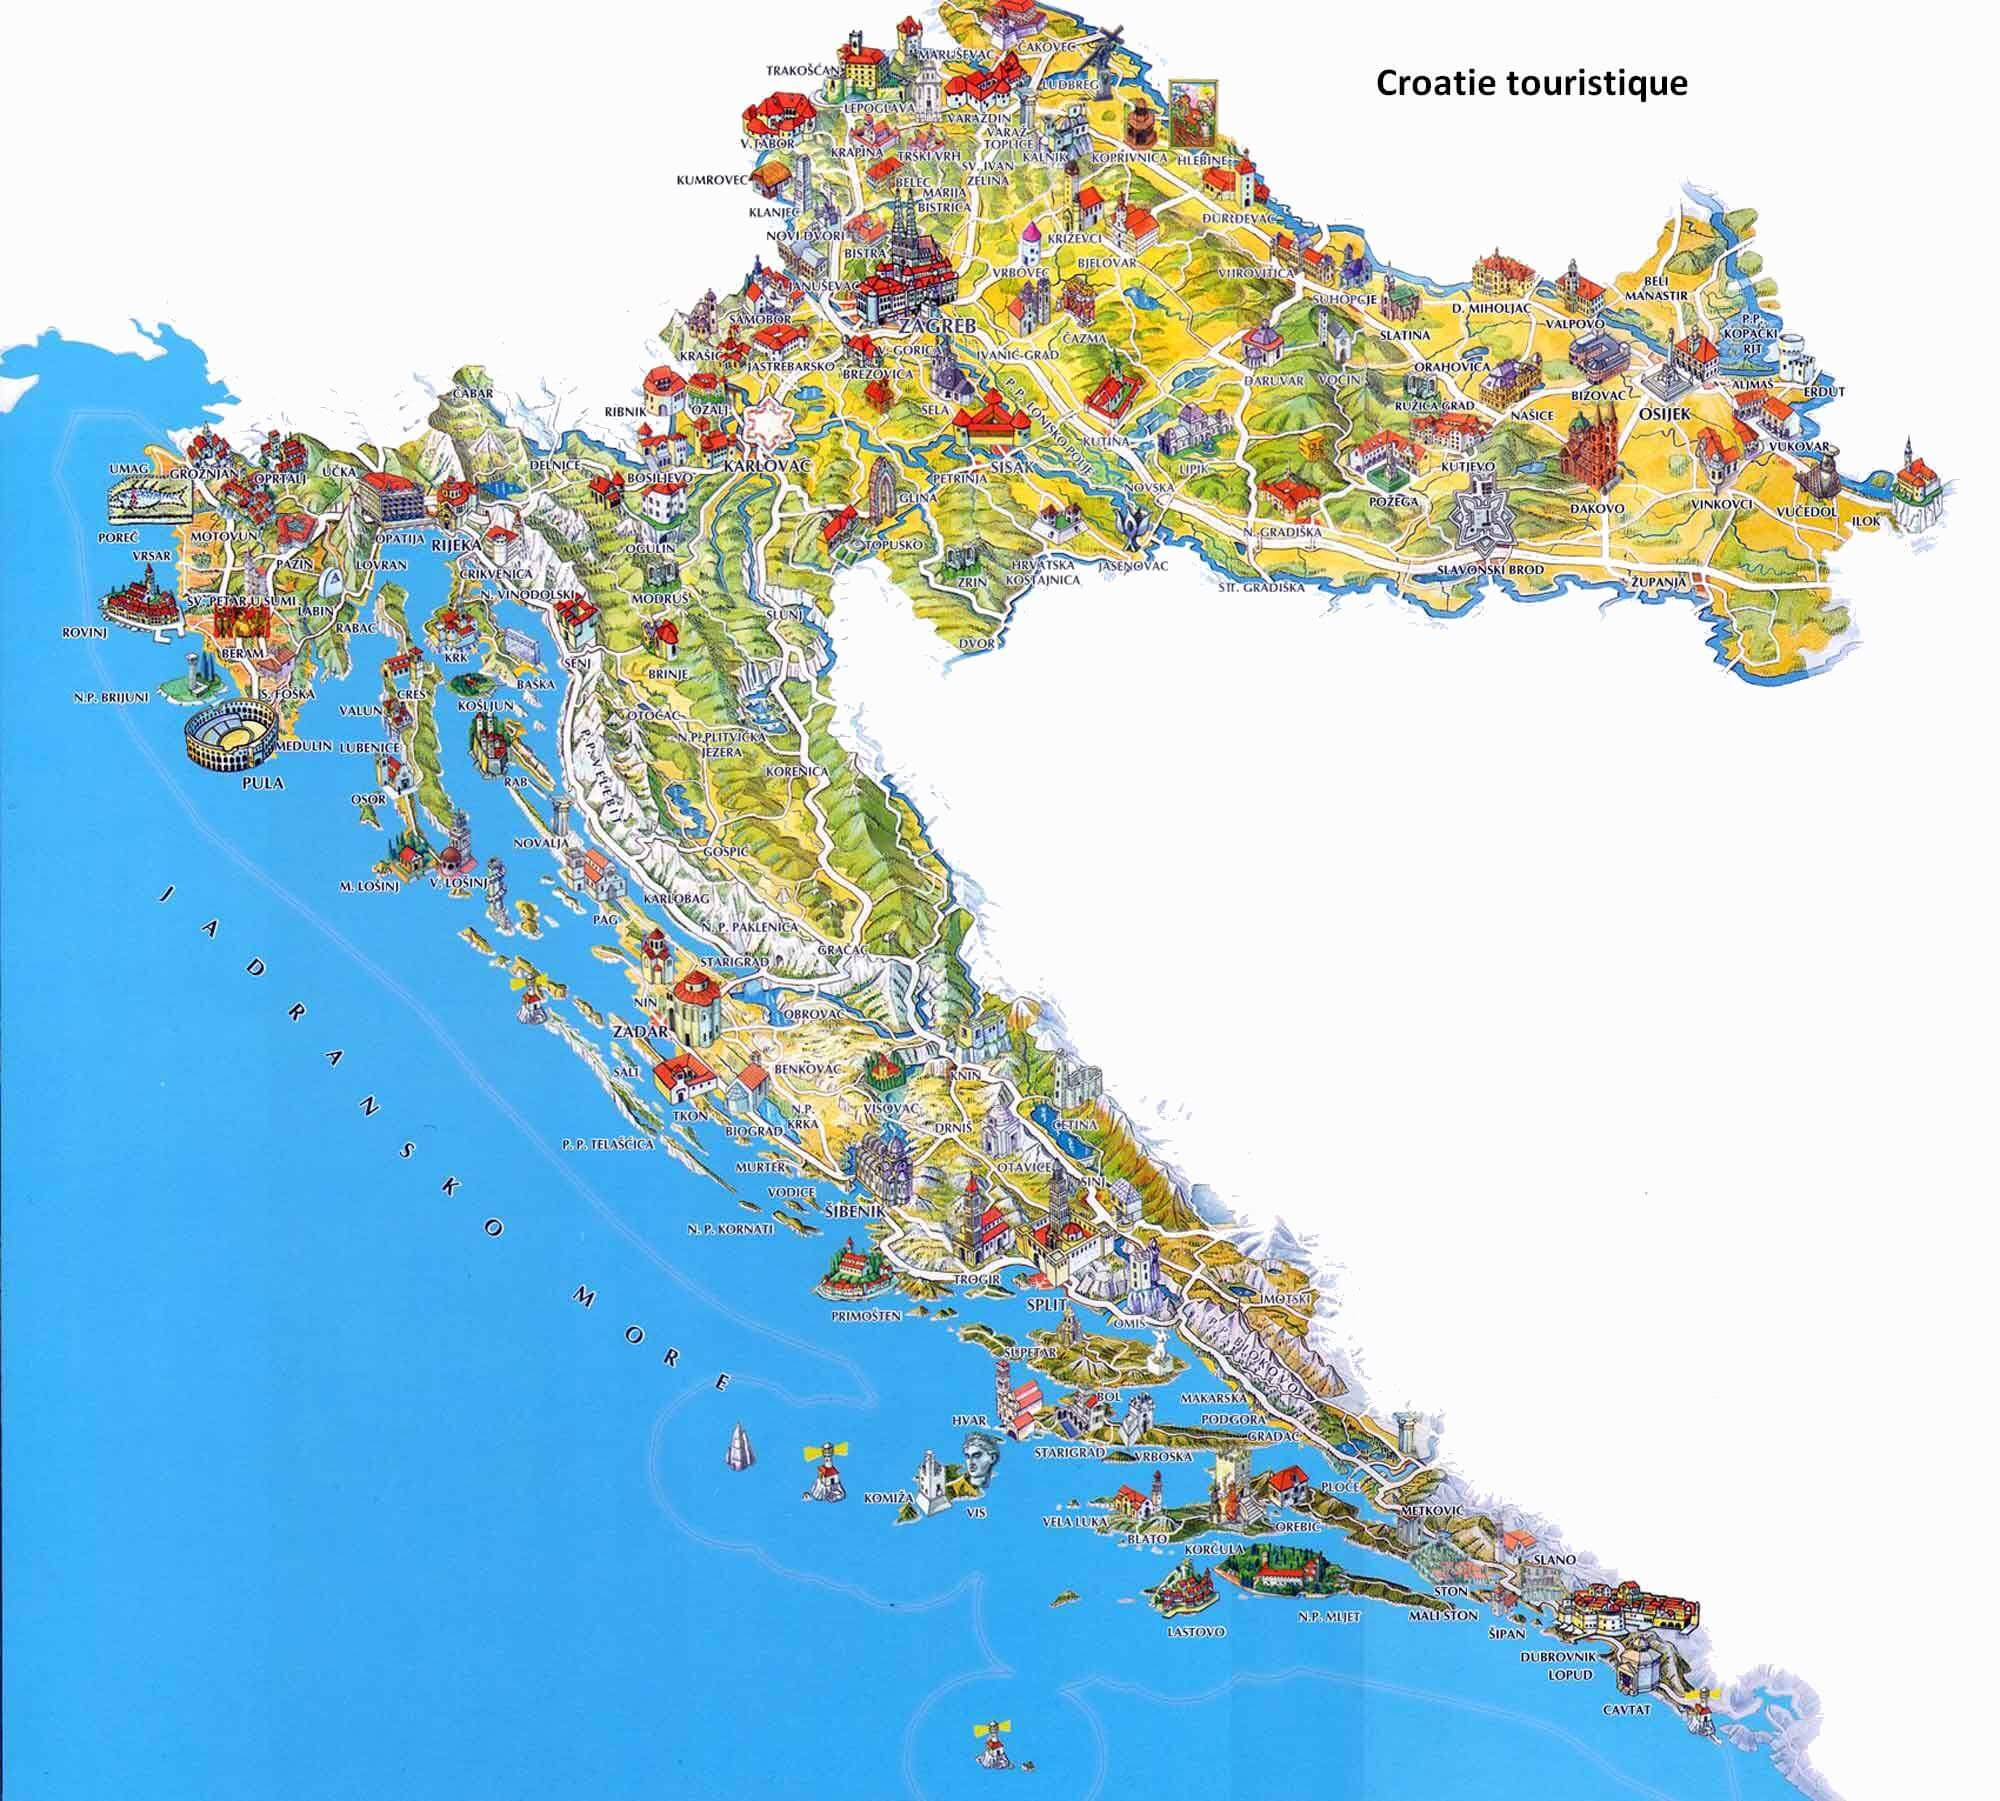 Carte Croatie Lieux Dinteret.Carte De Croatie Regions Reliefs Sites A Ne Pas Manquer Routes